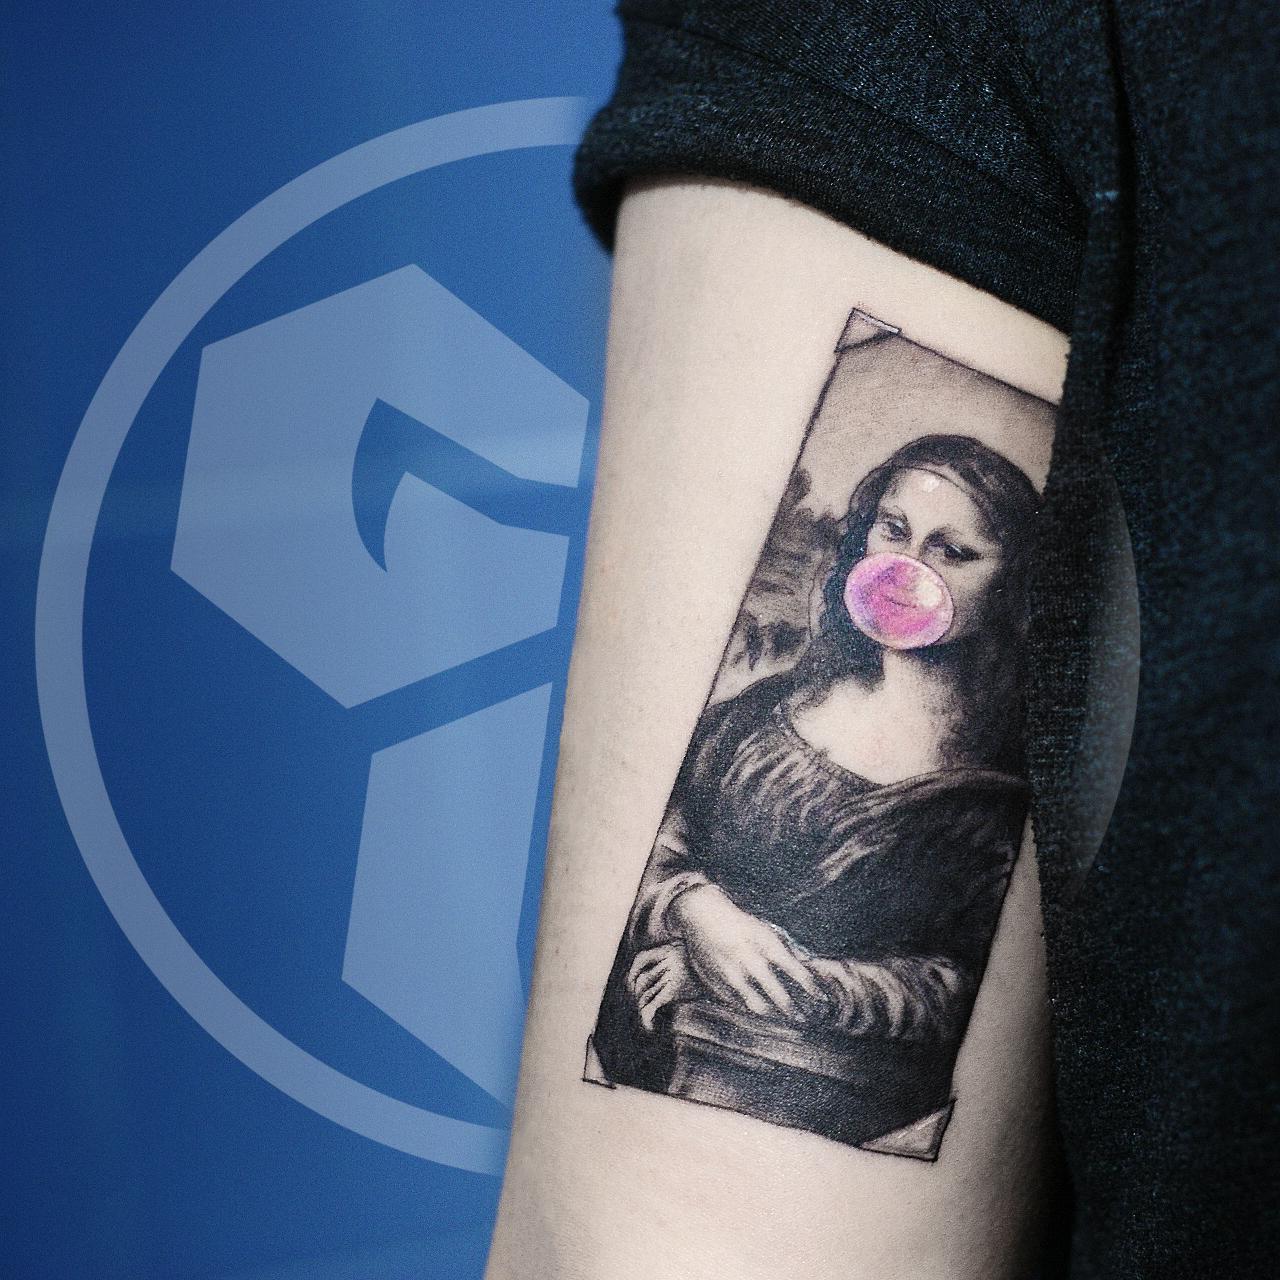 Фото татуировки, портрет мона лизы на пл